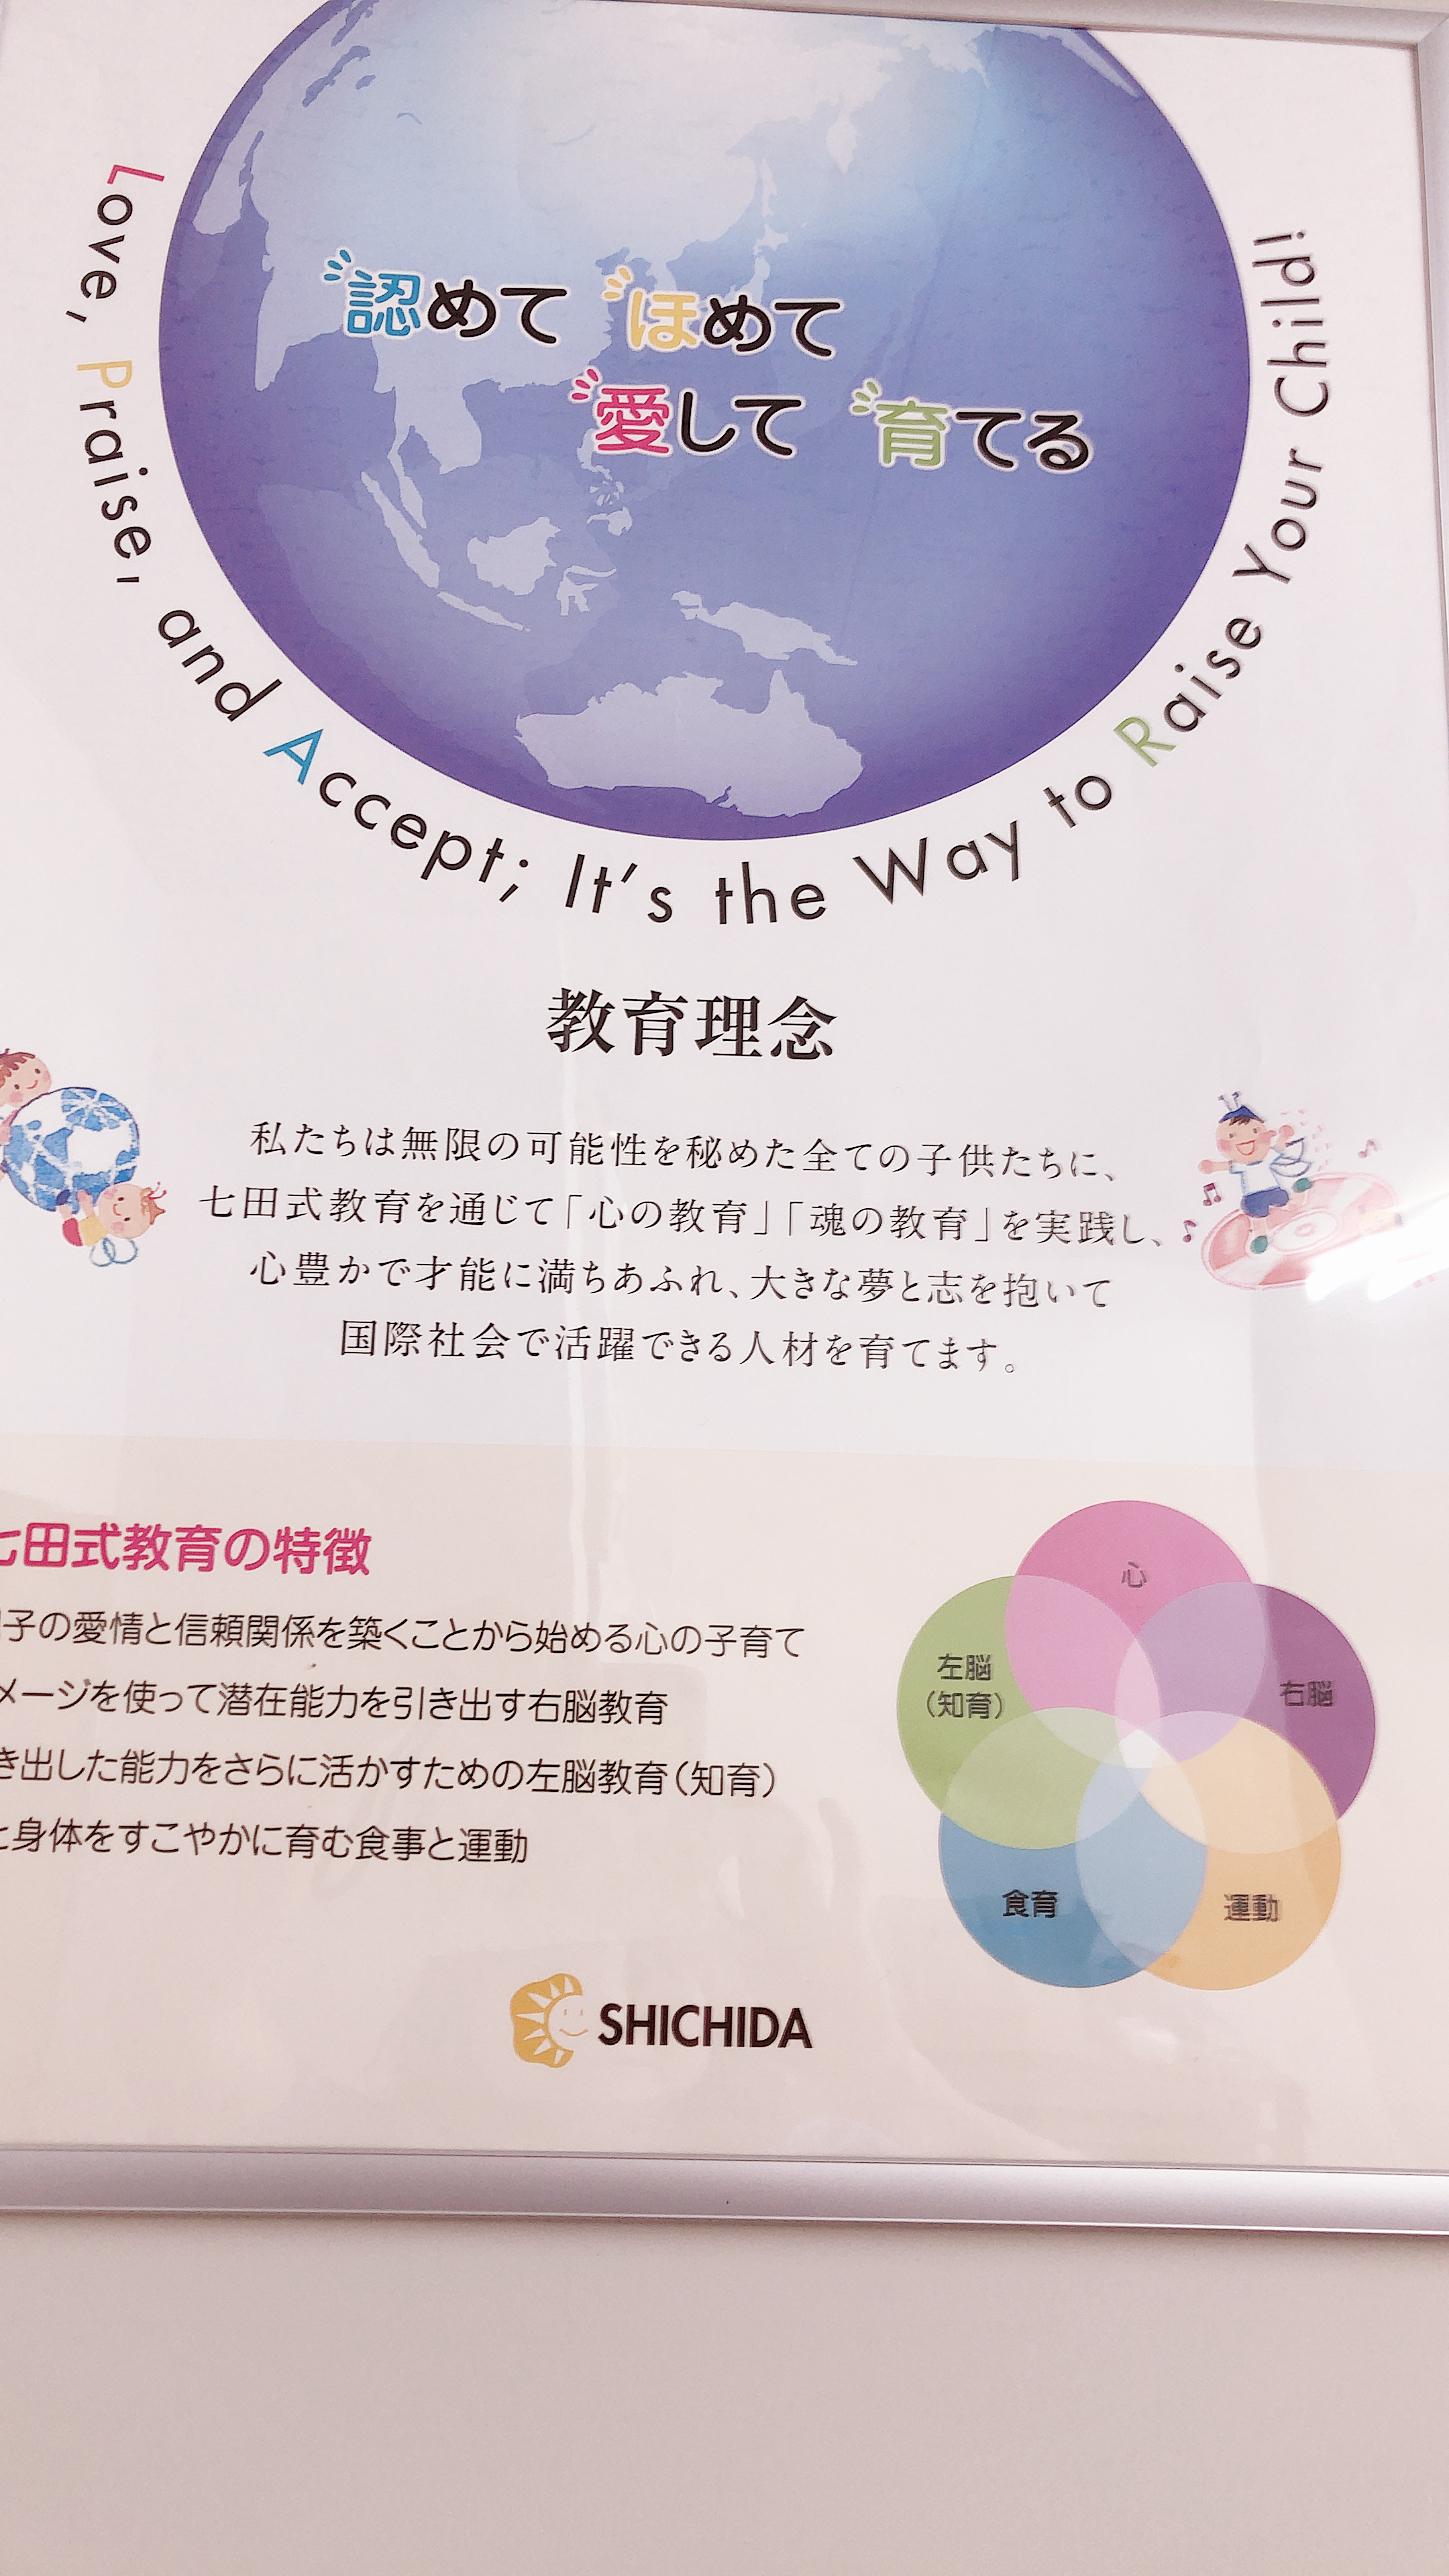 【七田式教育】子どもの見方6つのポイント その1「短所を・・・」